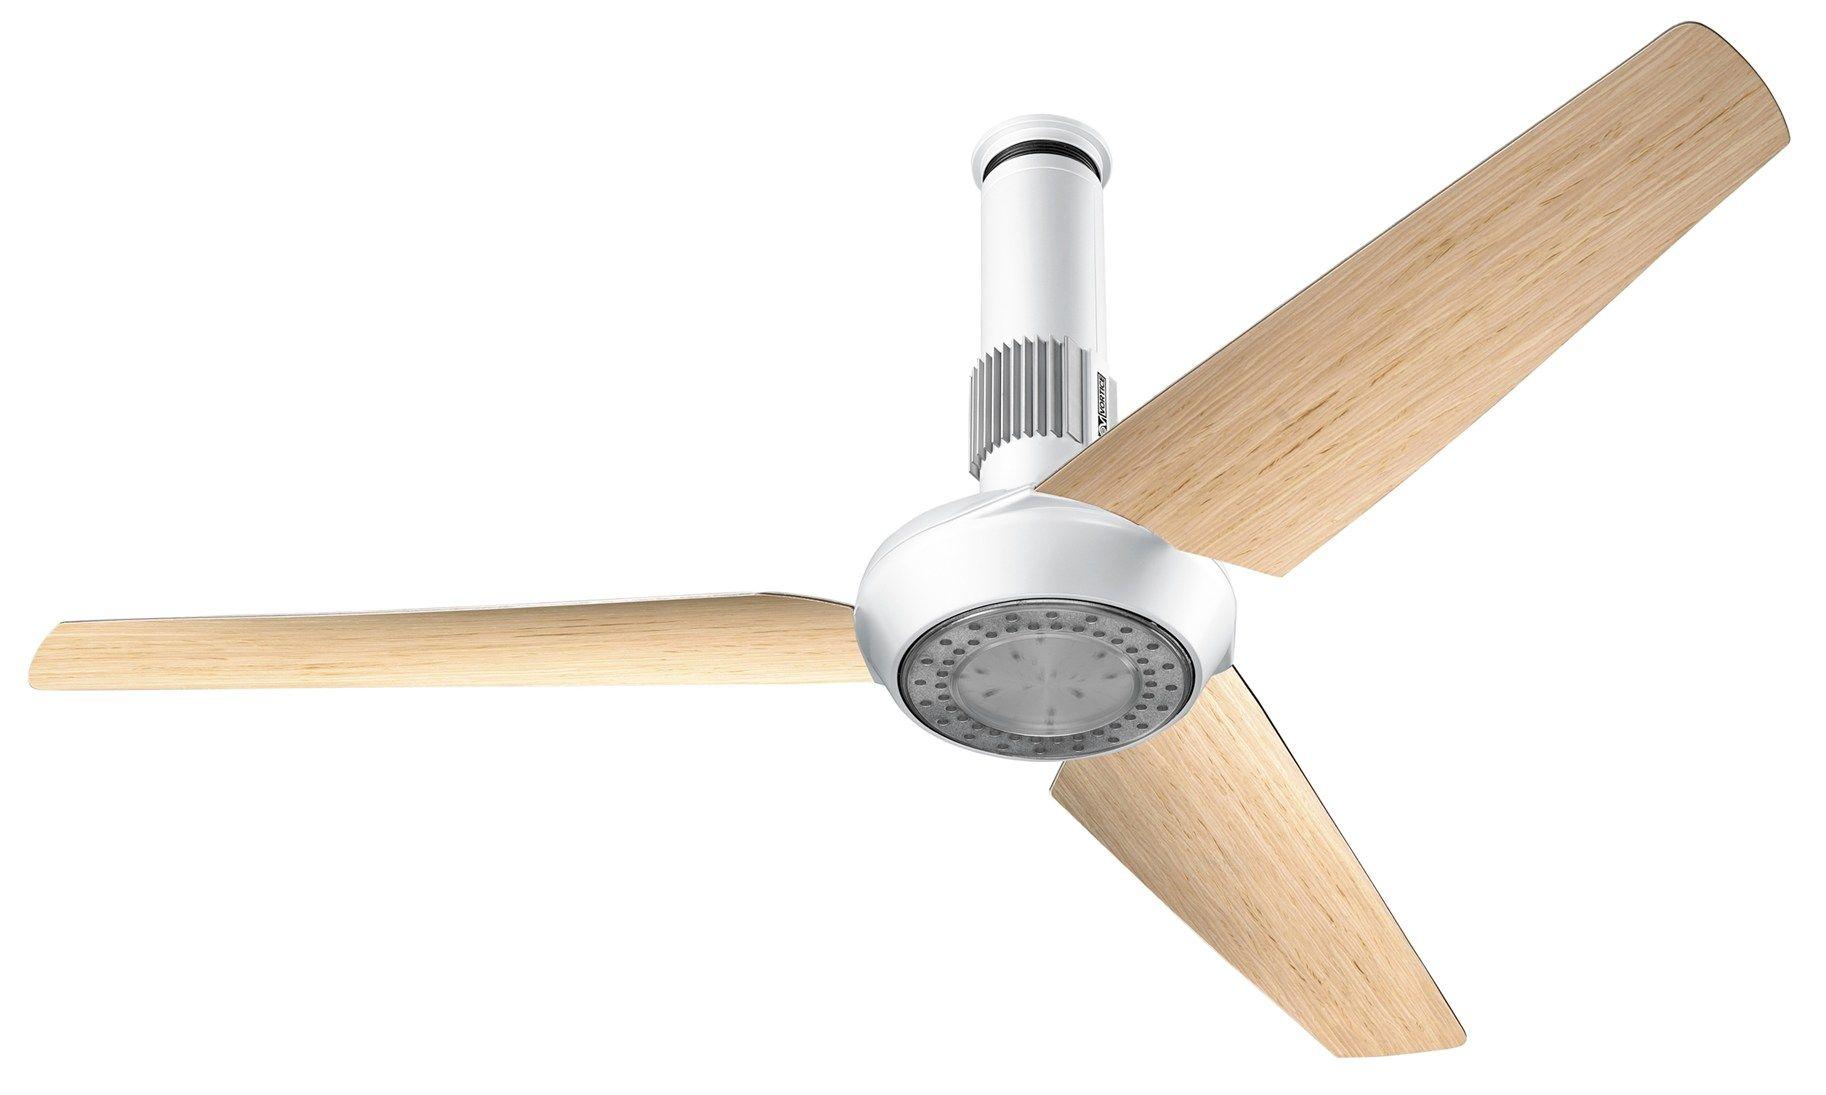 Lampadari Con Ventilatore Vortice.Vortice Novita 2016 Nordik Air Design